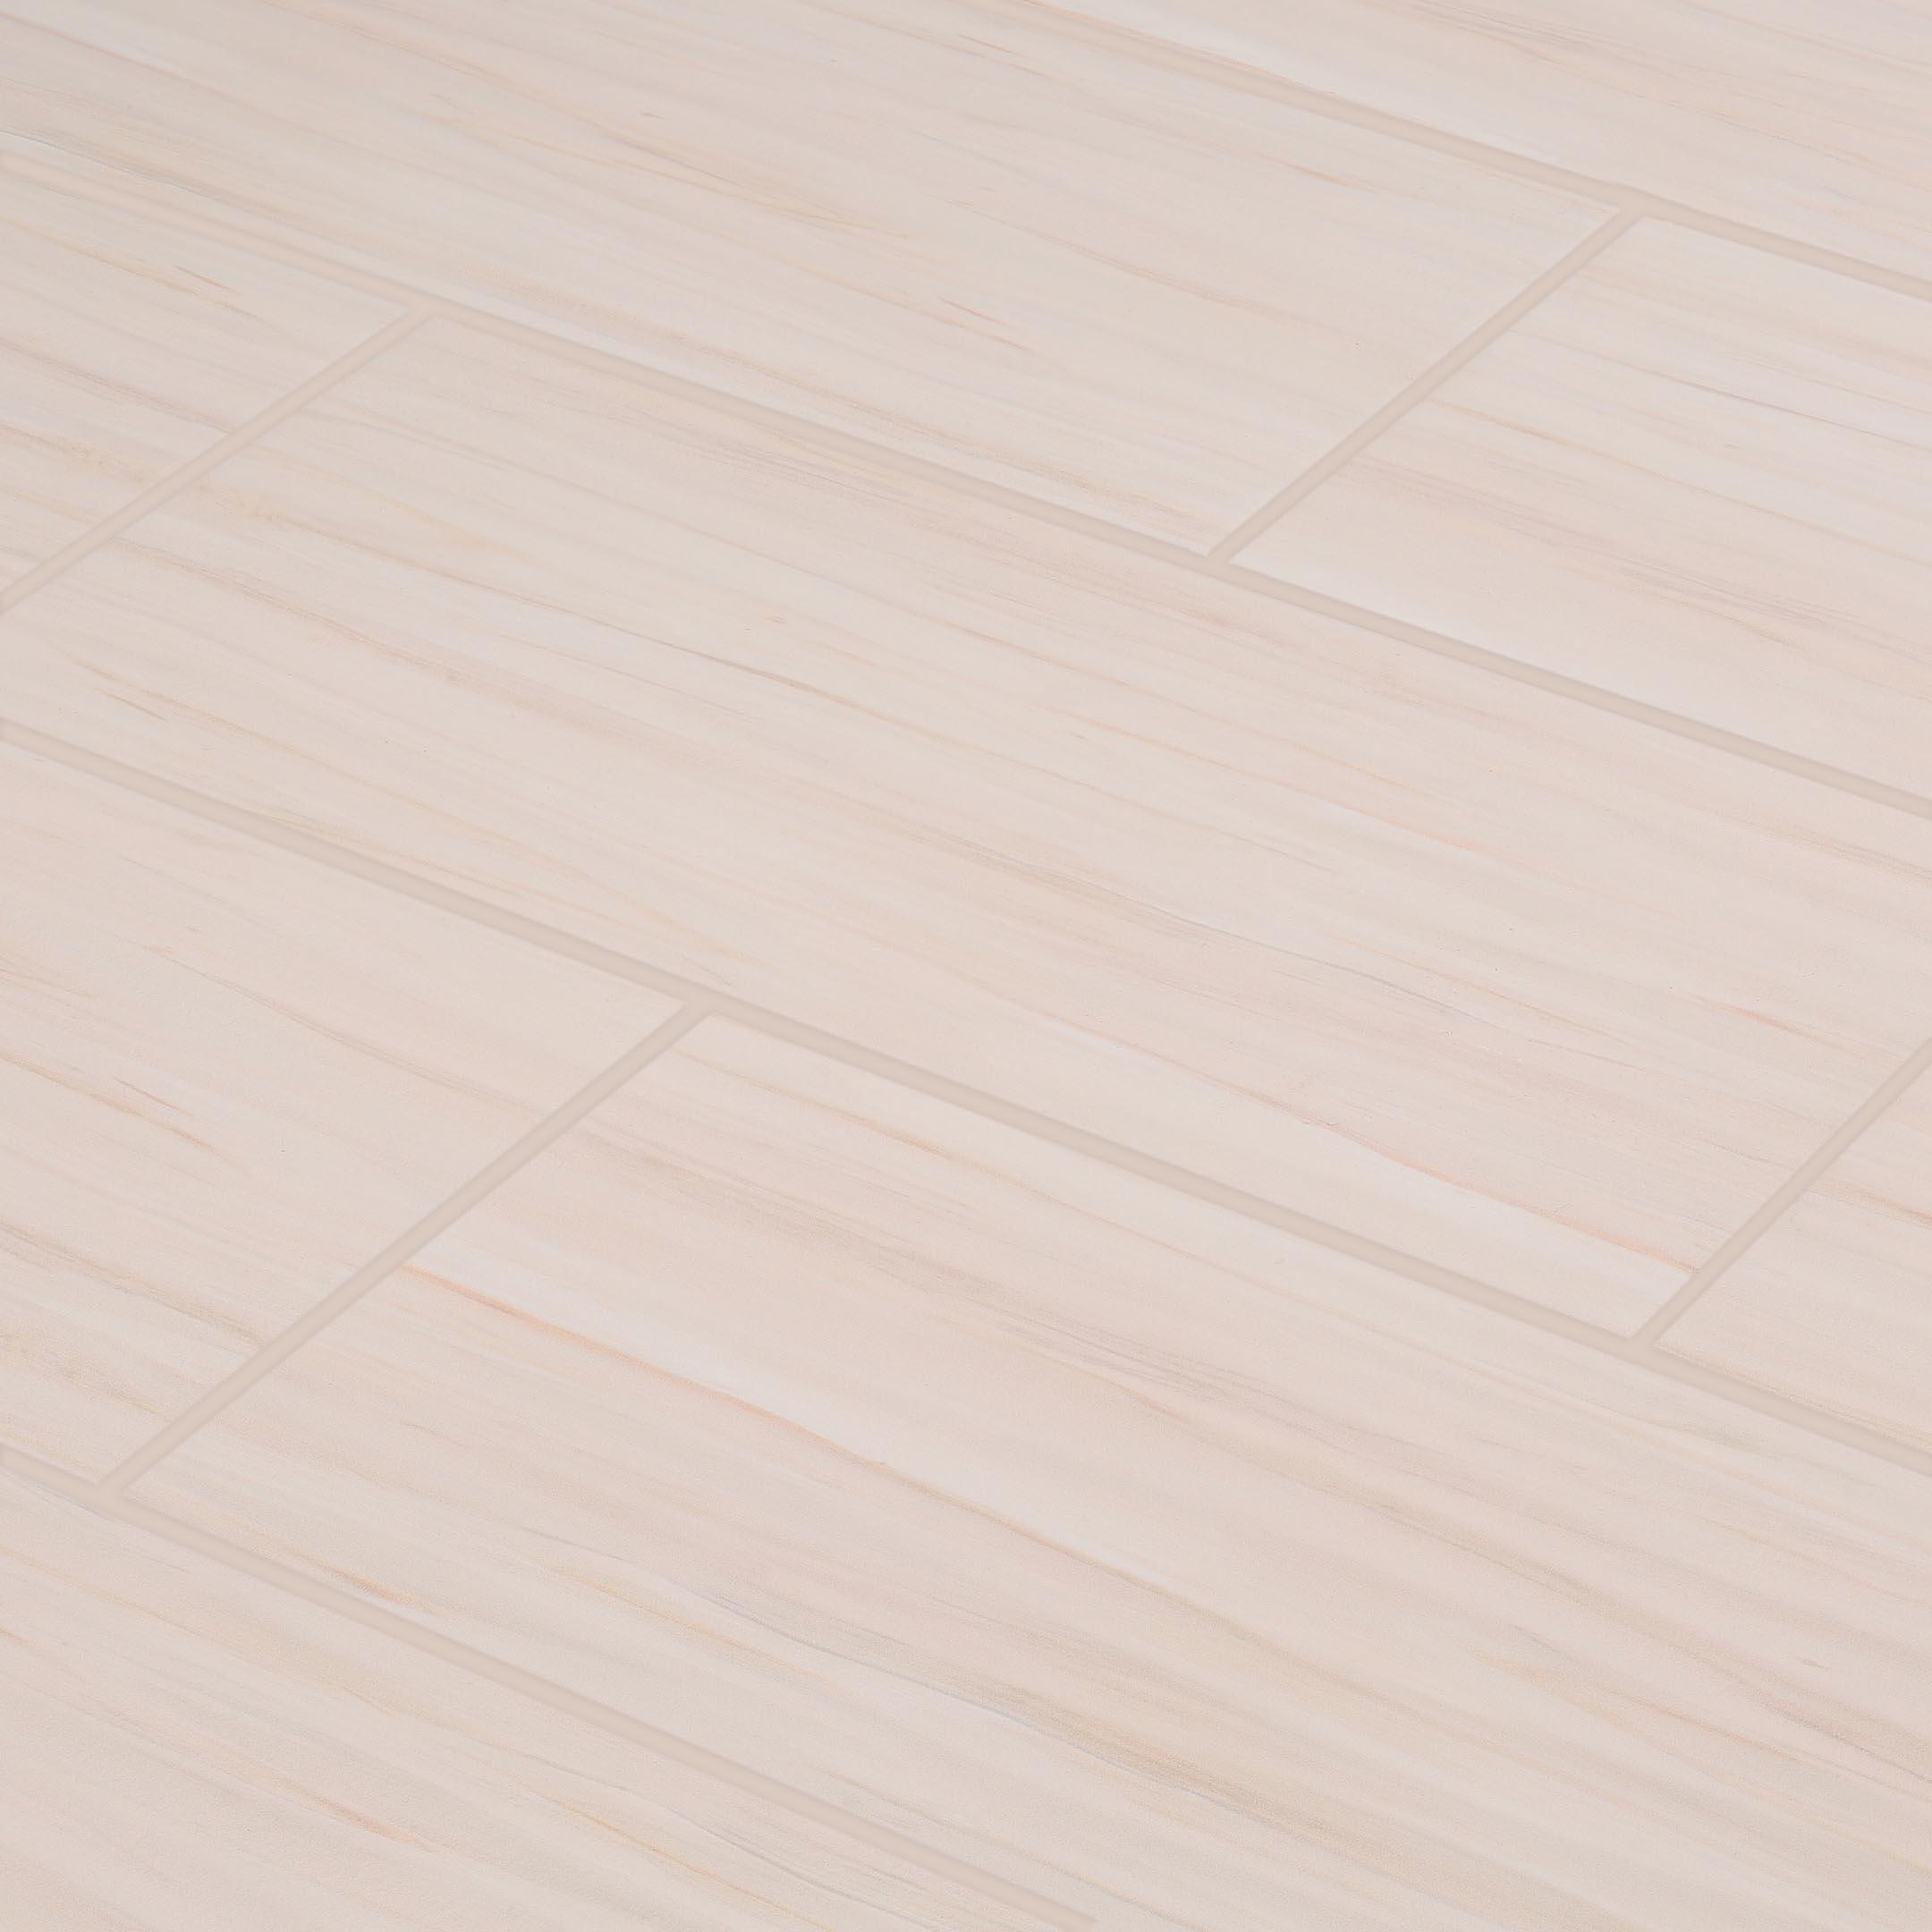 Плитка облицовочная Cersanit Botanica бежевая рельефная 200x440x8,5 мм (12 шт.=1,05 кв.м)